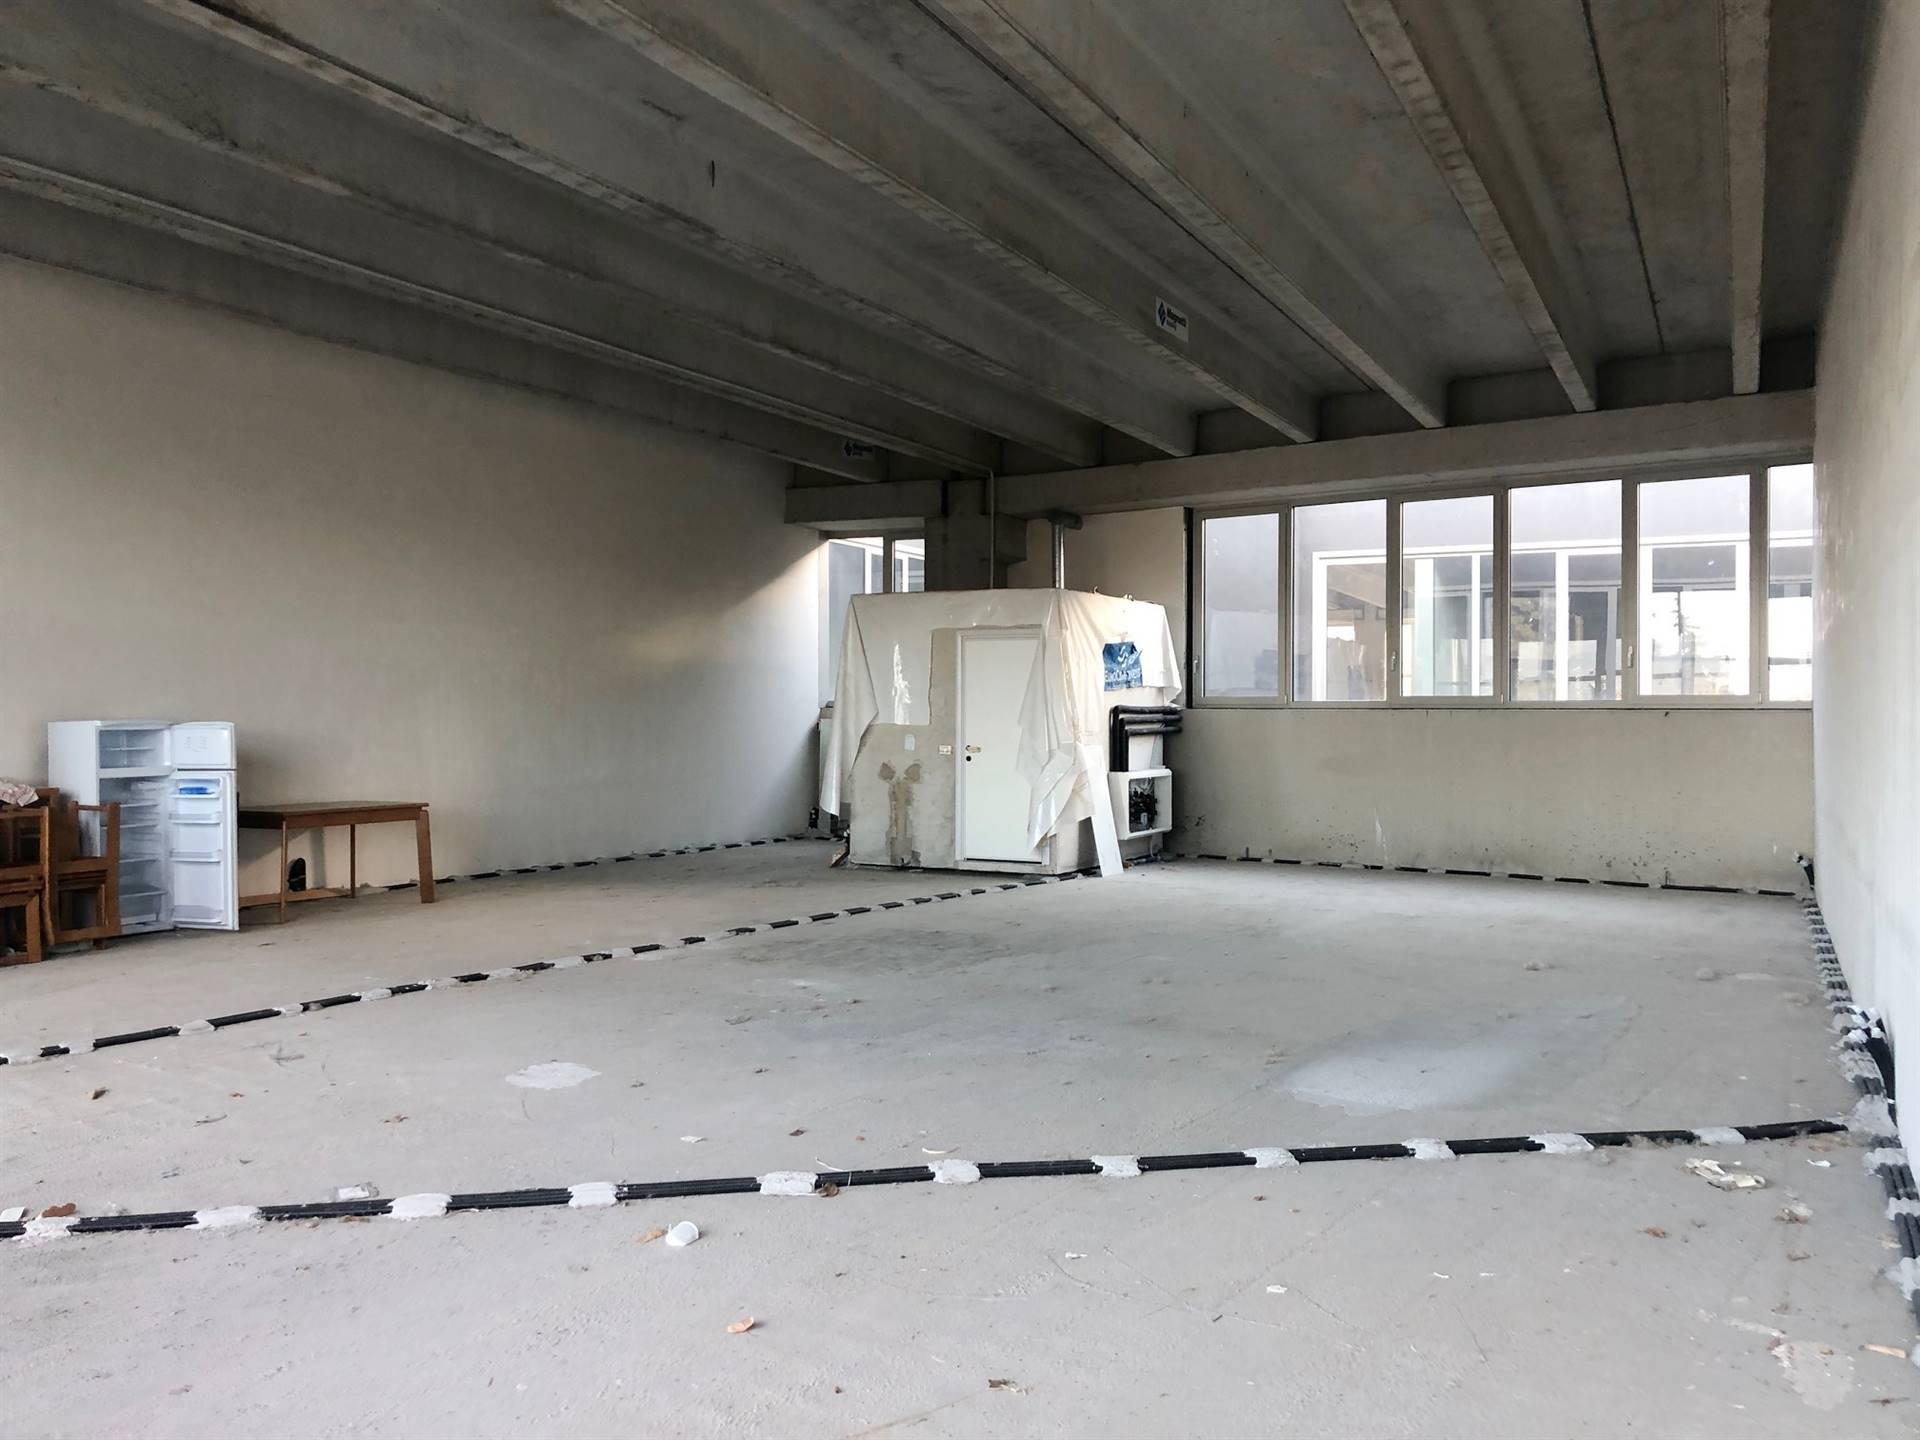 Laboratorio In Affitto A Scandicci Firenze Propertyre Agency Rif A21021